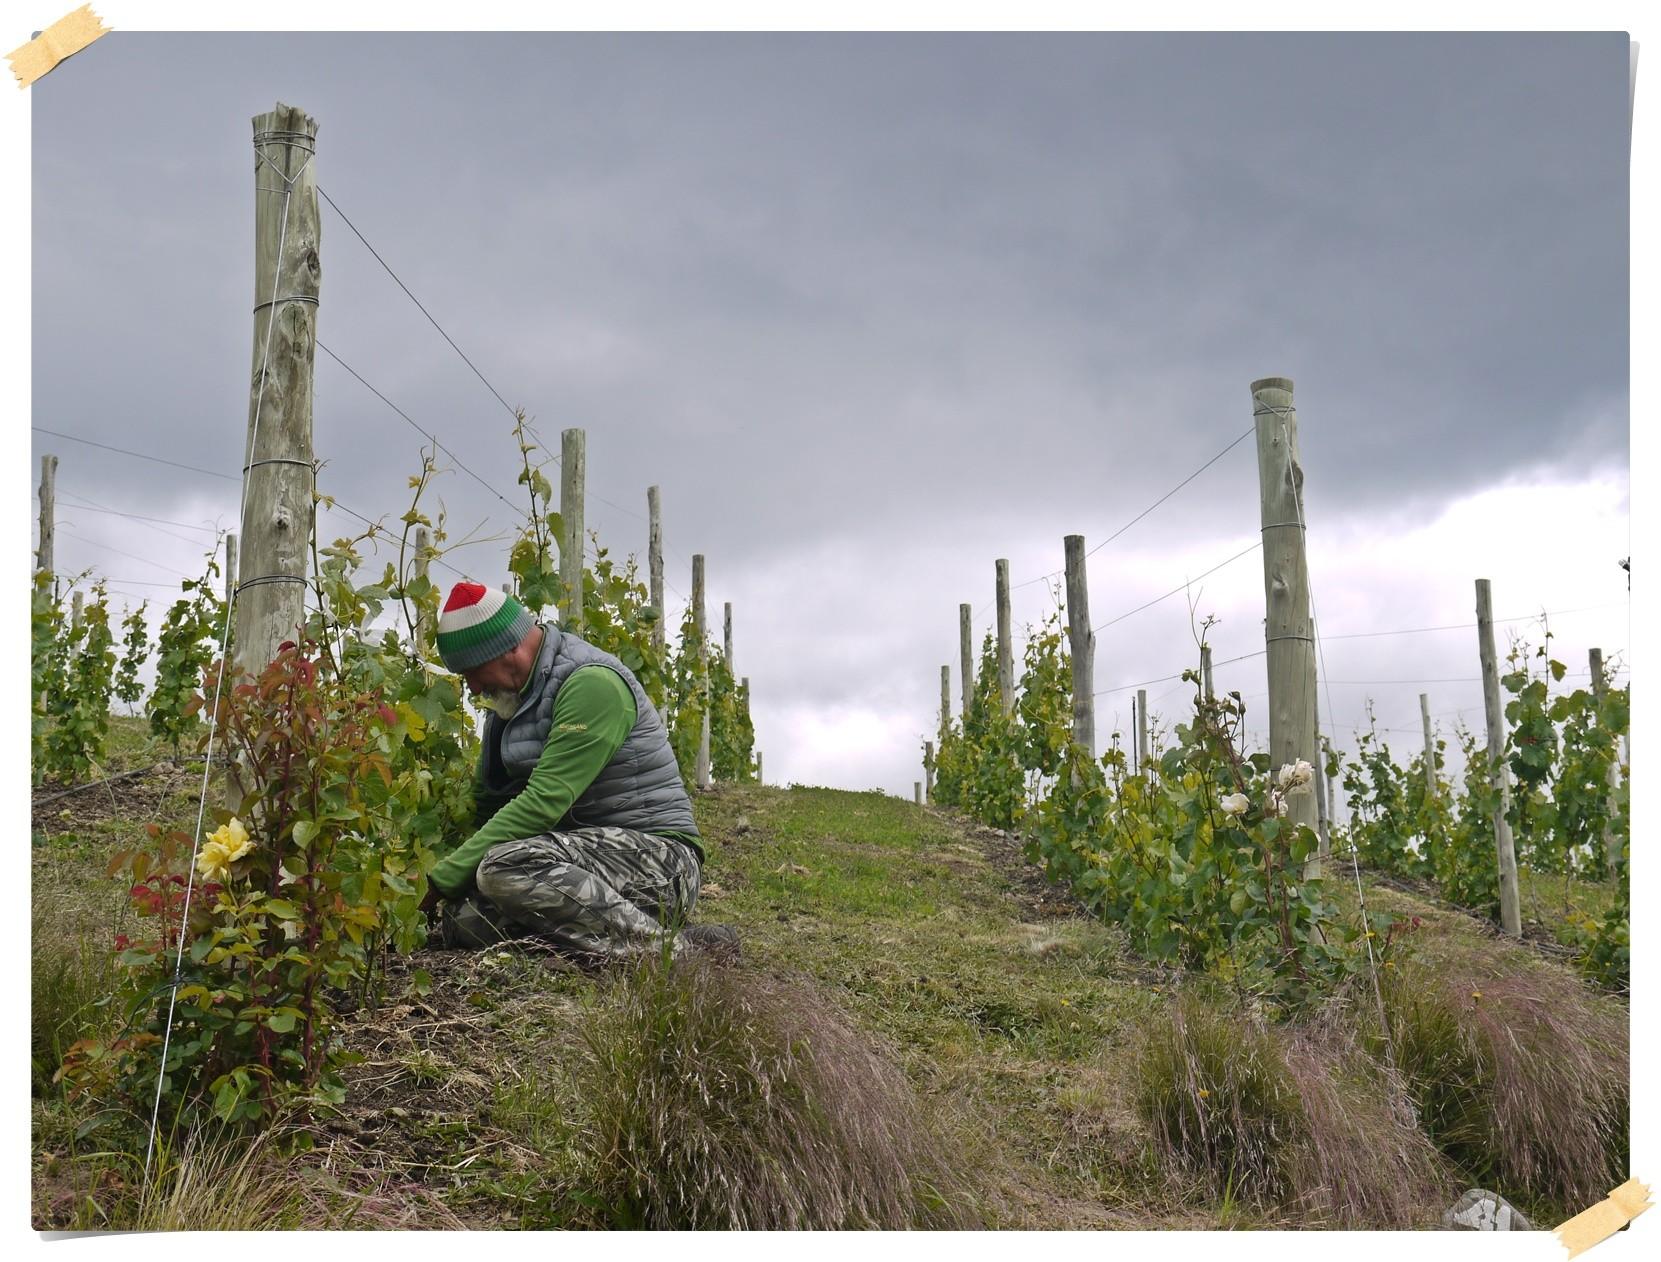 6500 Weinstöcke werden von uns aufgebunden